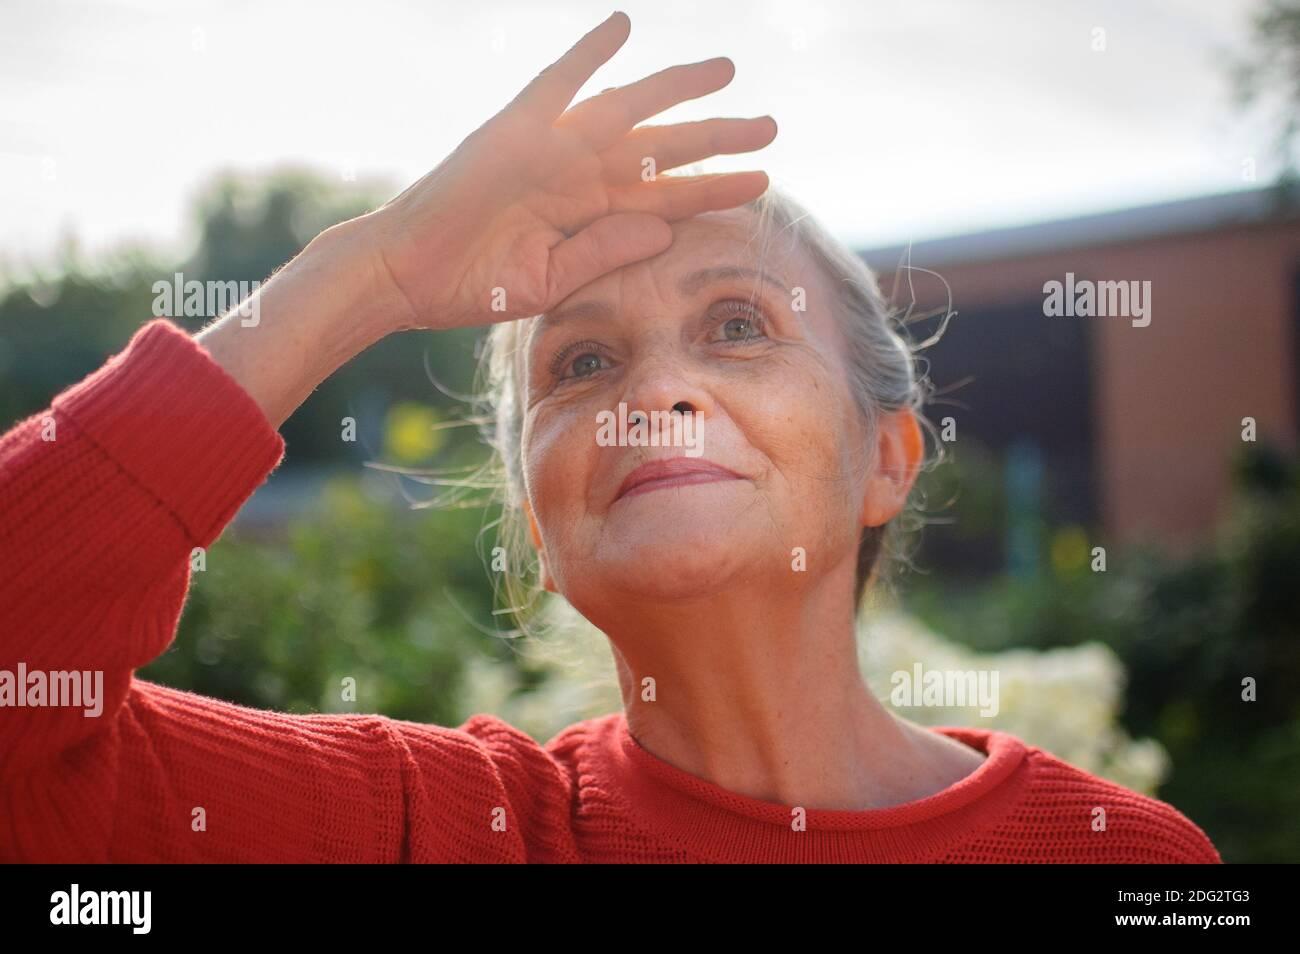 Portrait de femme âgée avec cheveux gris et visage avec des rides portant un chandail tricoté rouge et se détendent au parc pendant jour ensoleillé et à la recherche Banque D'Images